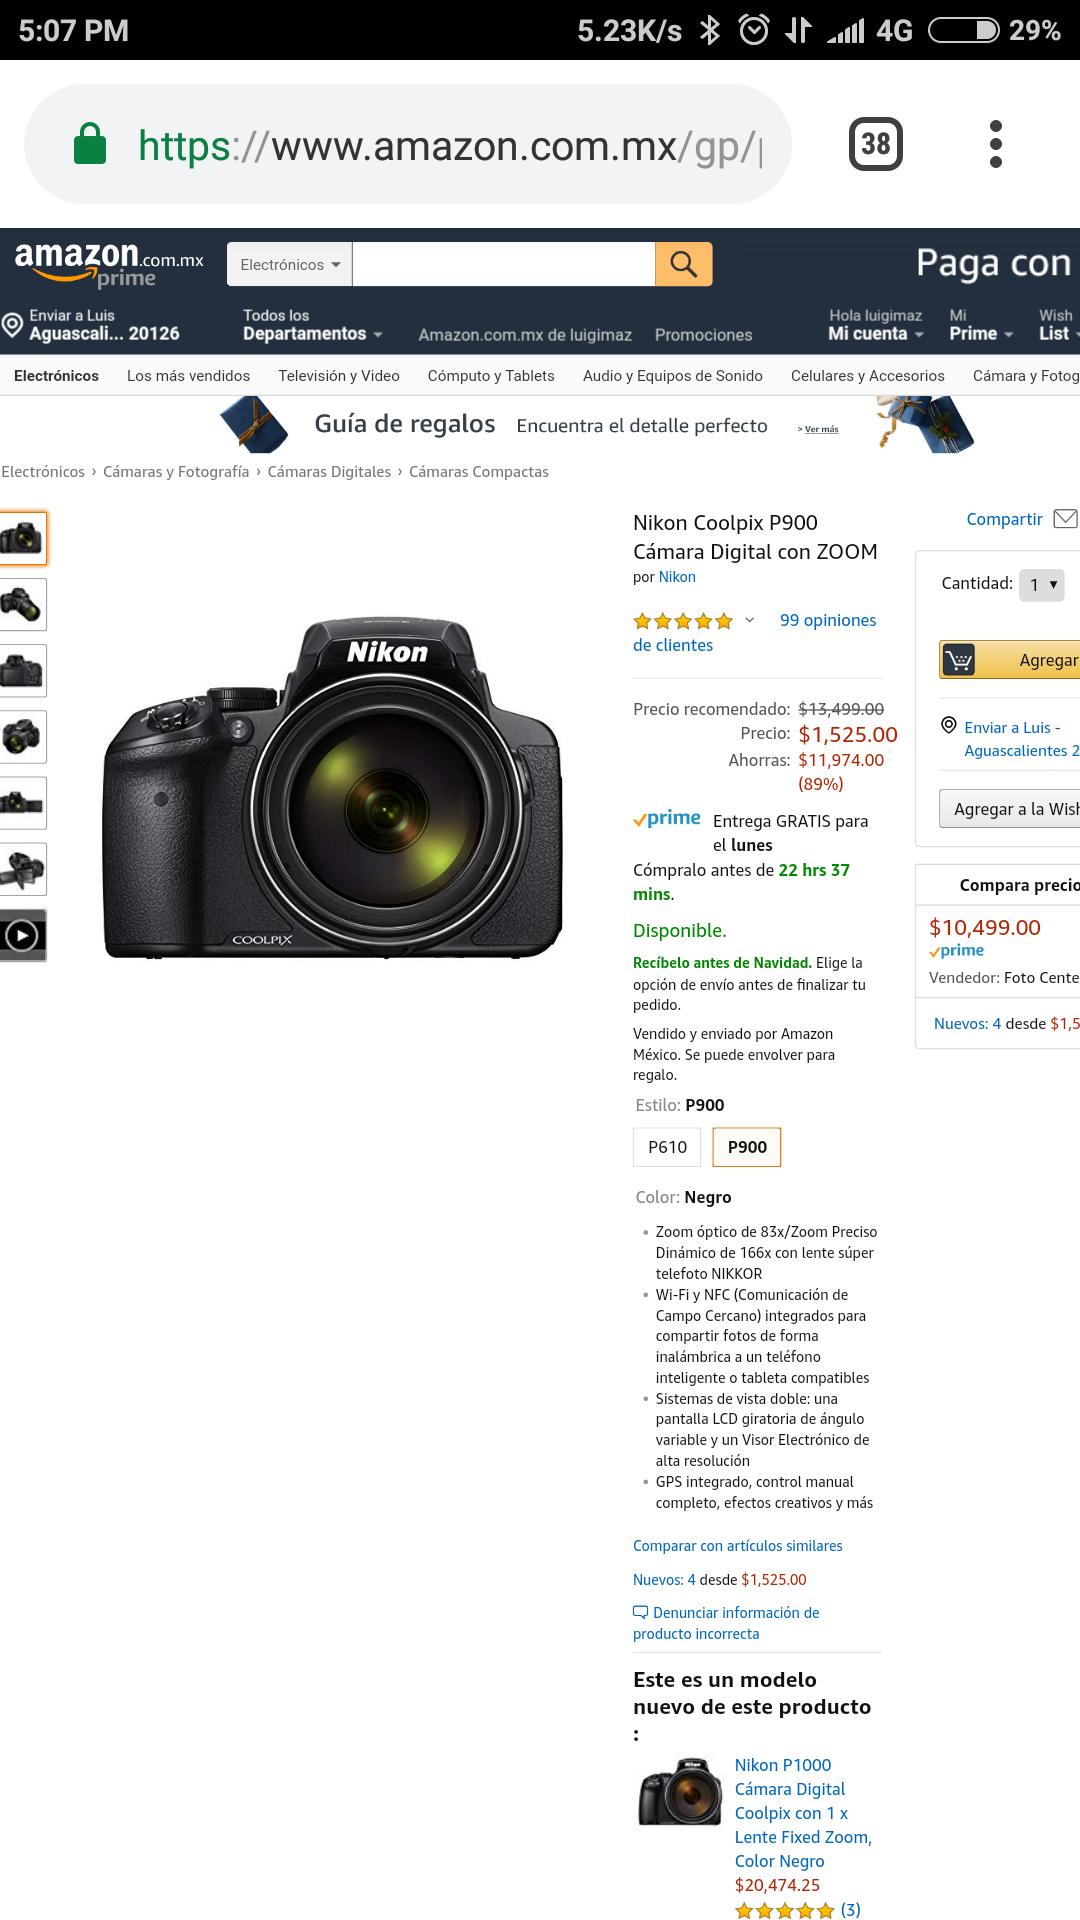 Amazon: Nikon P900